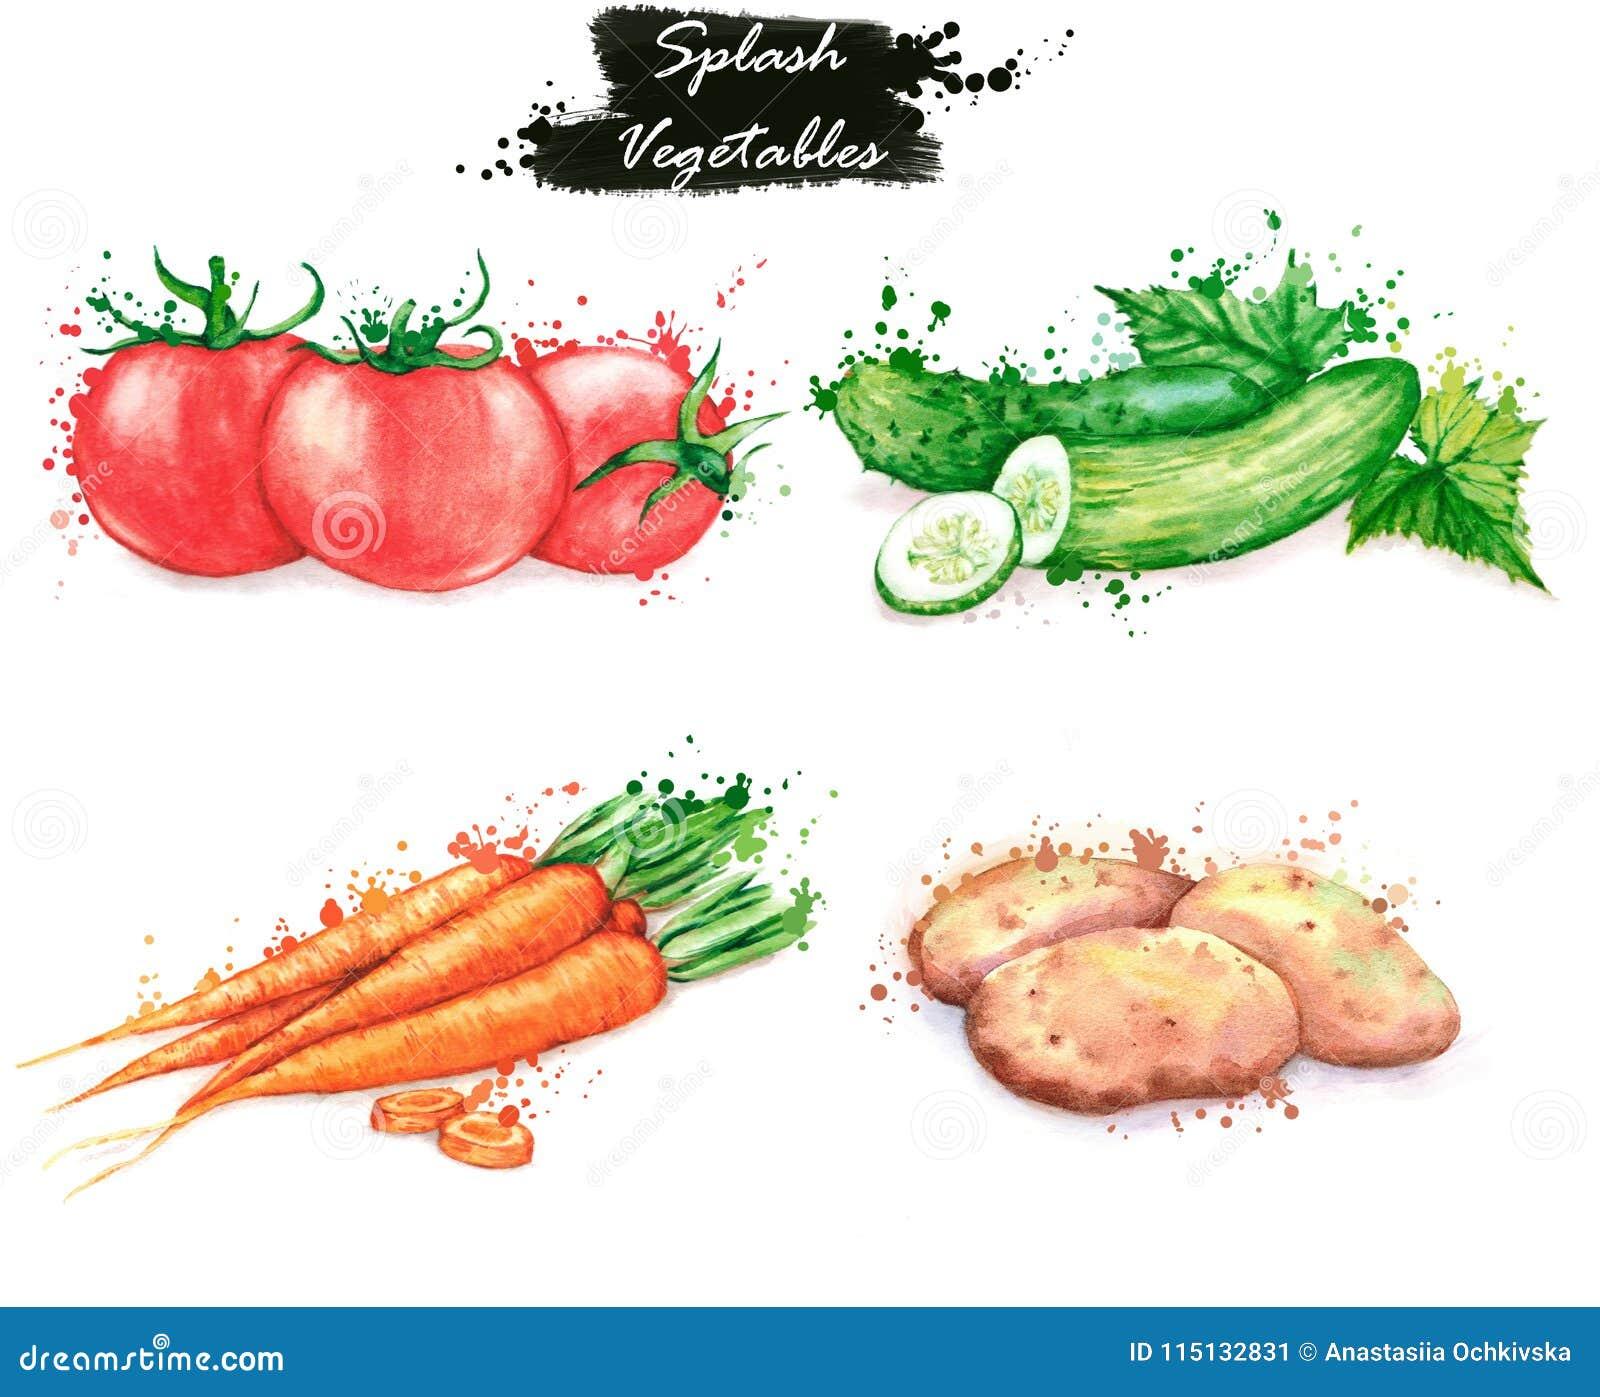 Ilustrações desenhados à mão do alimento da aquarela Desenhos isolados dos legumes frescos - tomates, pepinos, cenoura e batatas